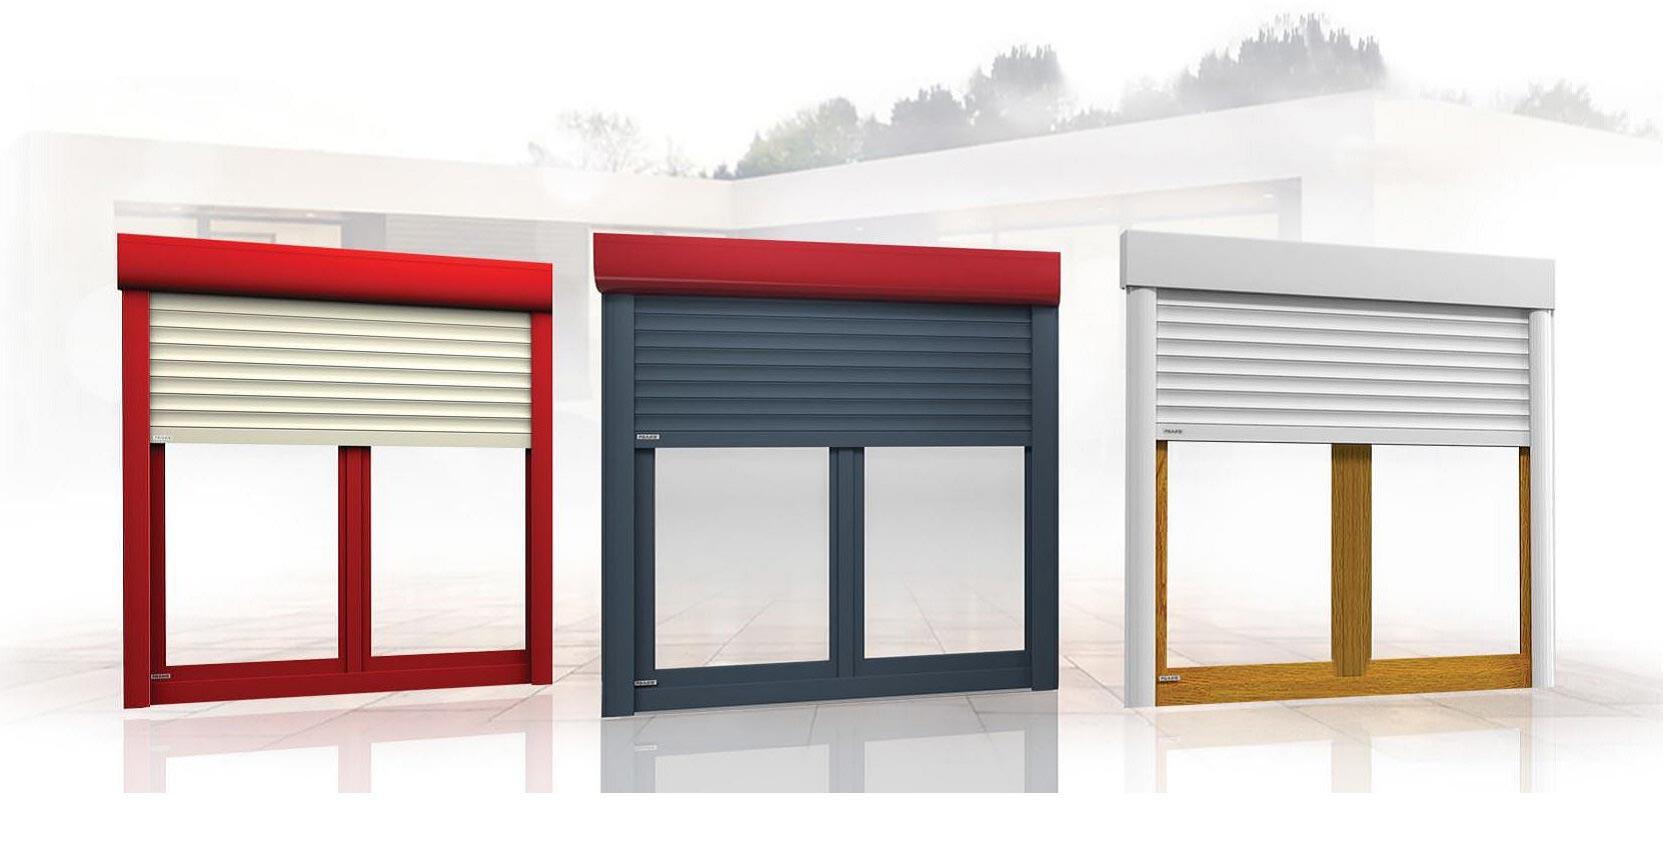 Παράγουμε, πόρτες, παράθυρα, ρολά, σήτες, παντζούρια, κάγκελα, για Εξοικονομώ Κατ' Οίκον και ανακαινίσεις